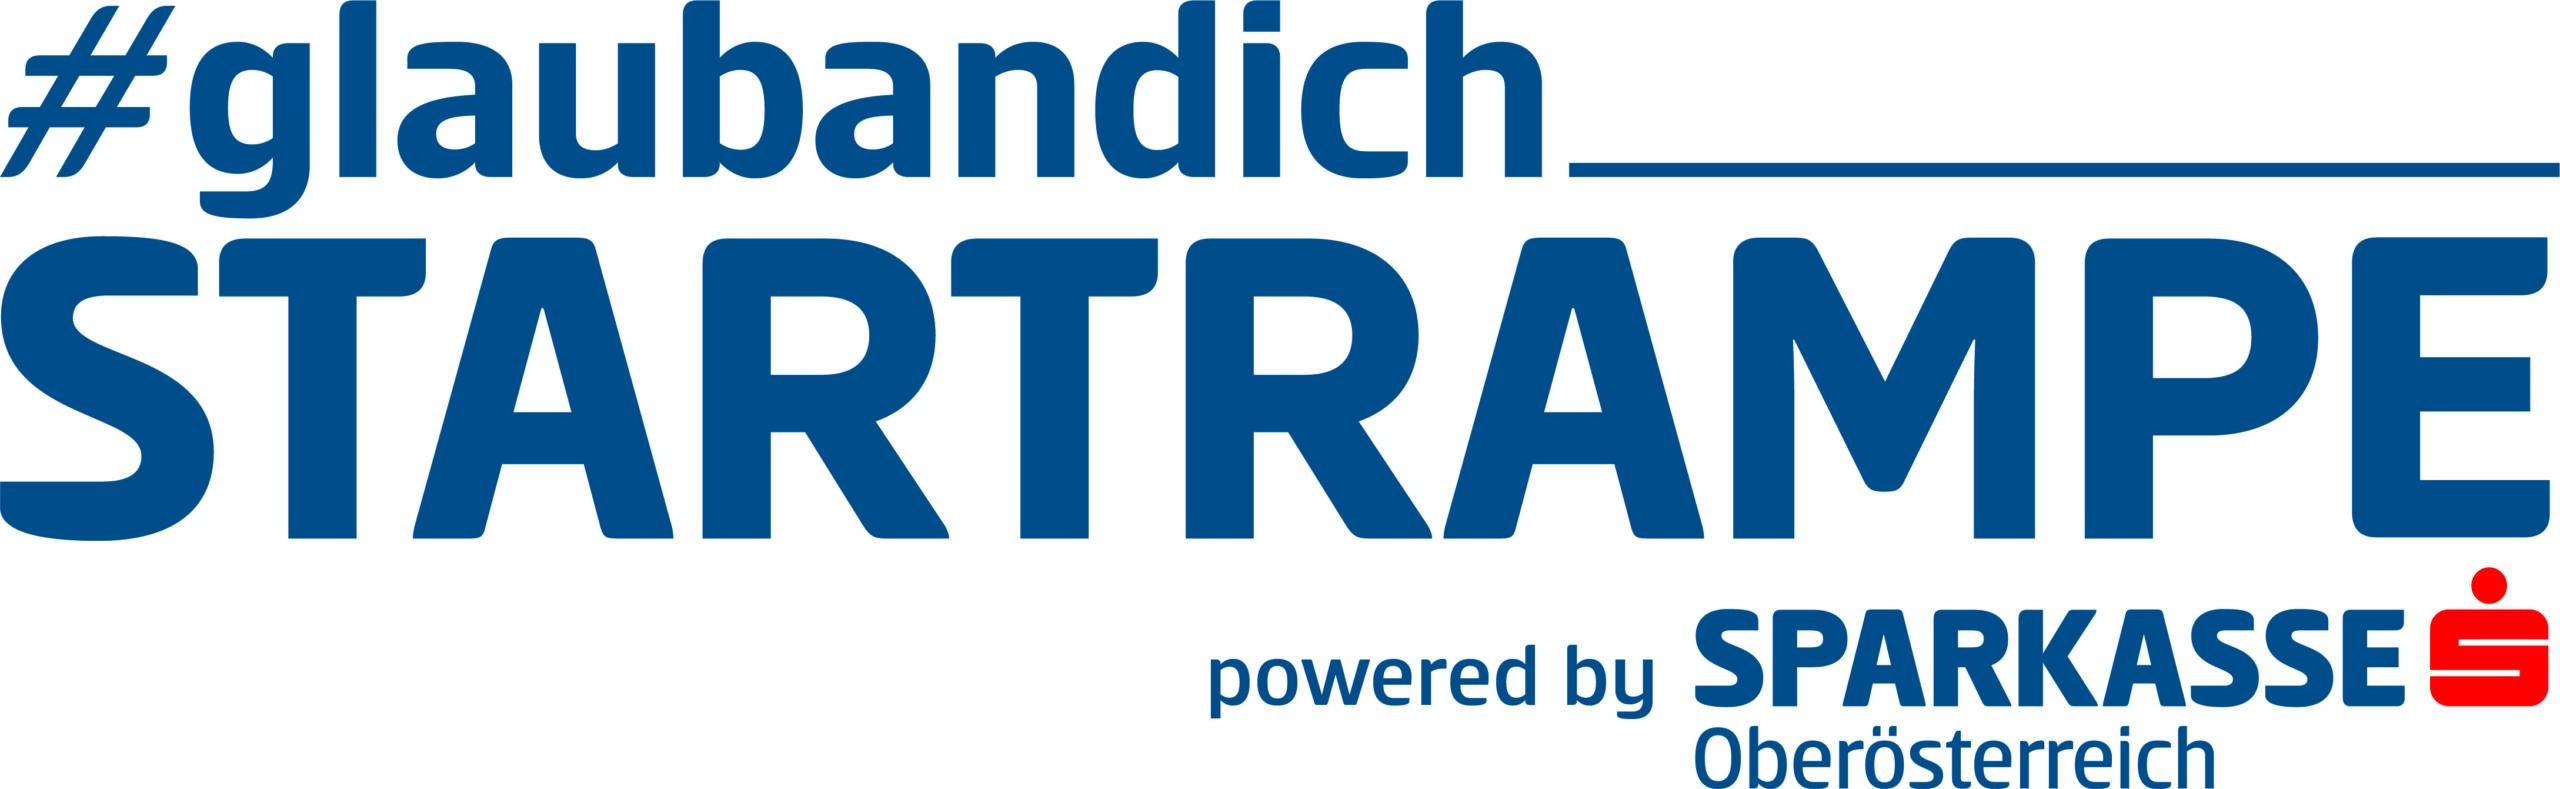 Logo EBSPK_Startrampe_glaubandich